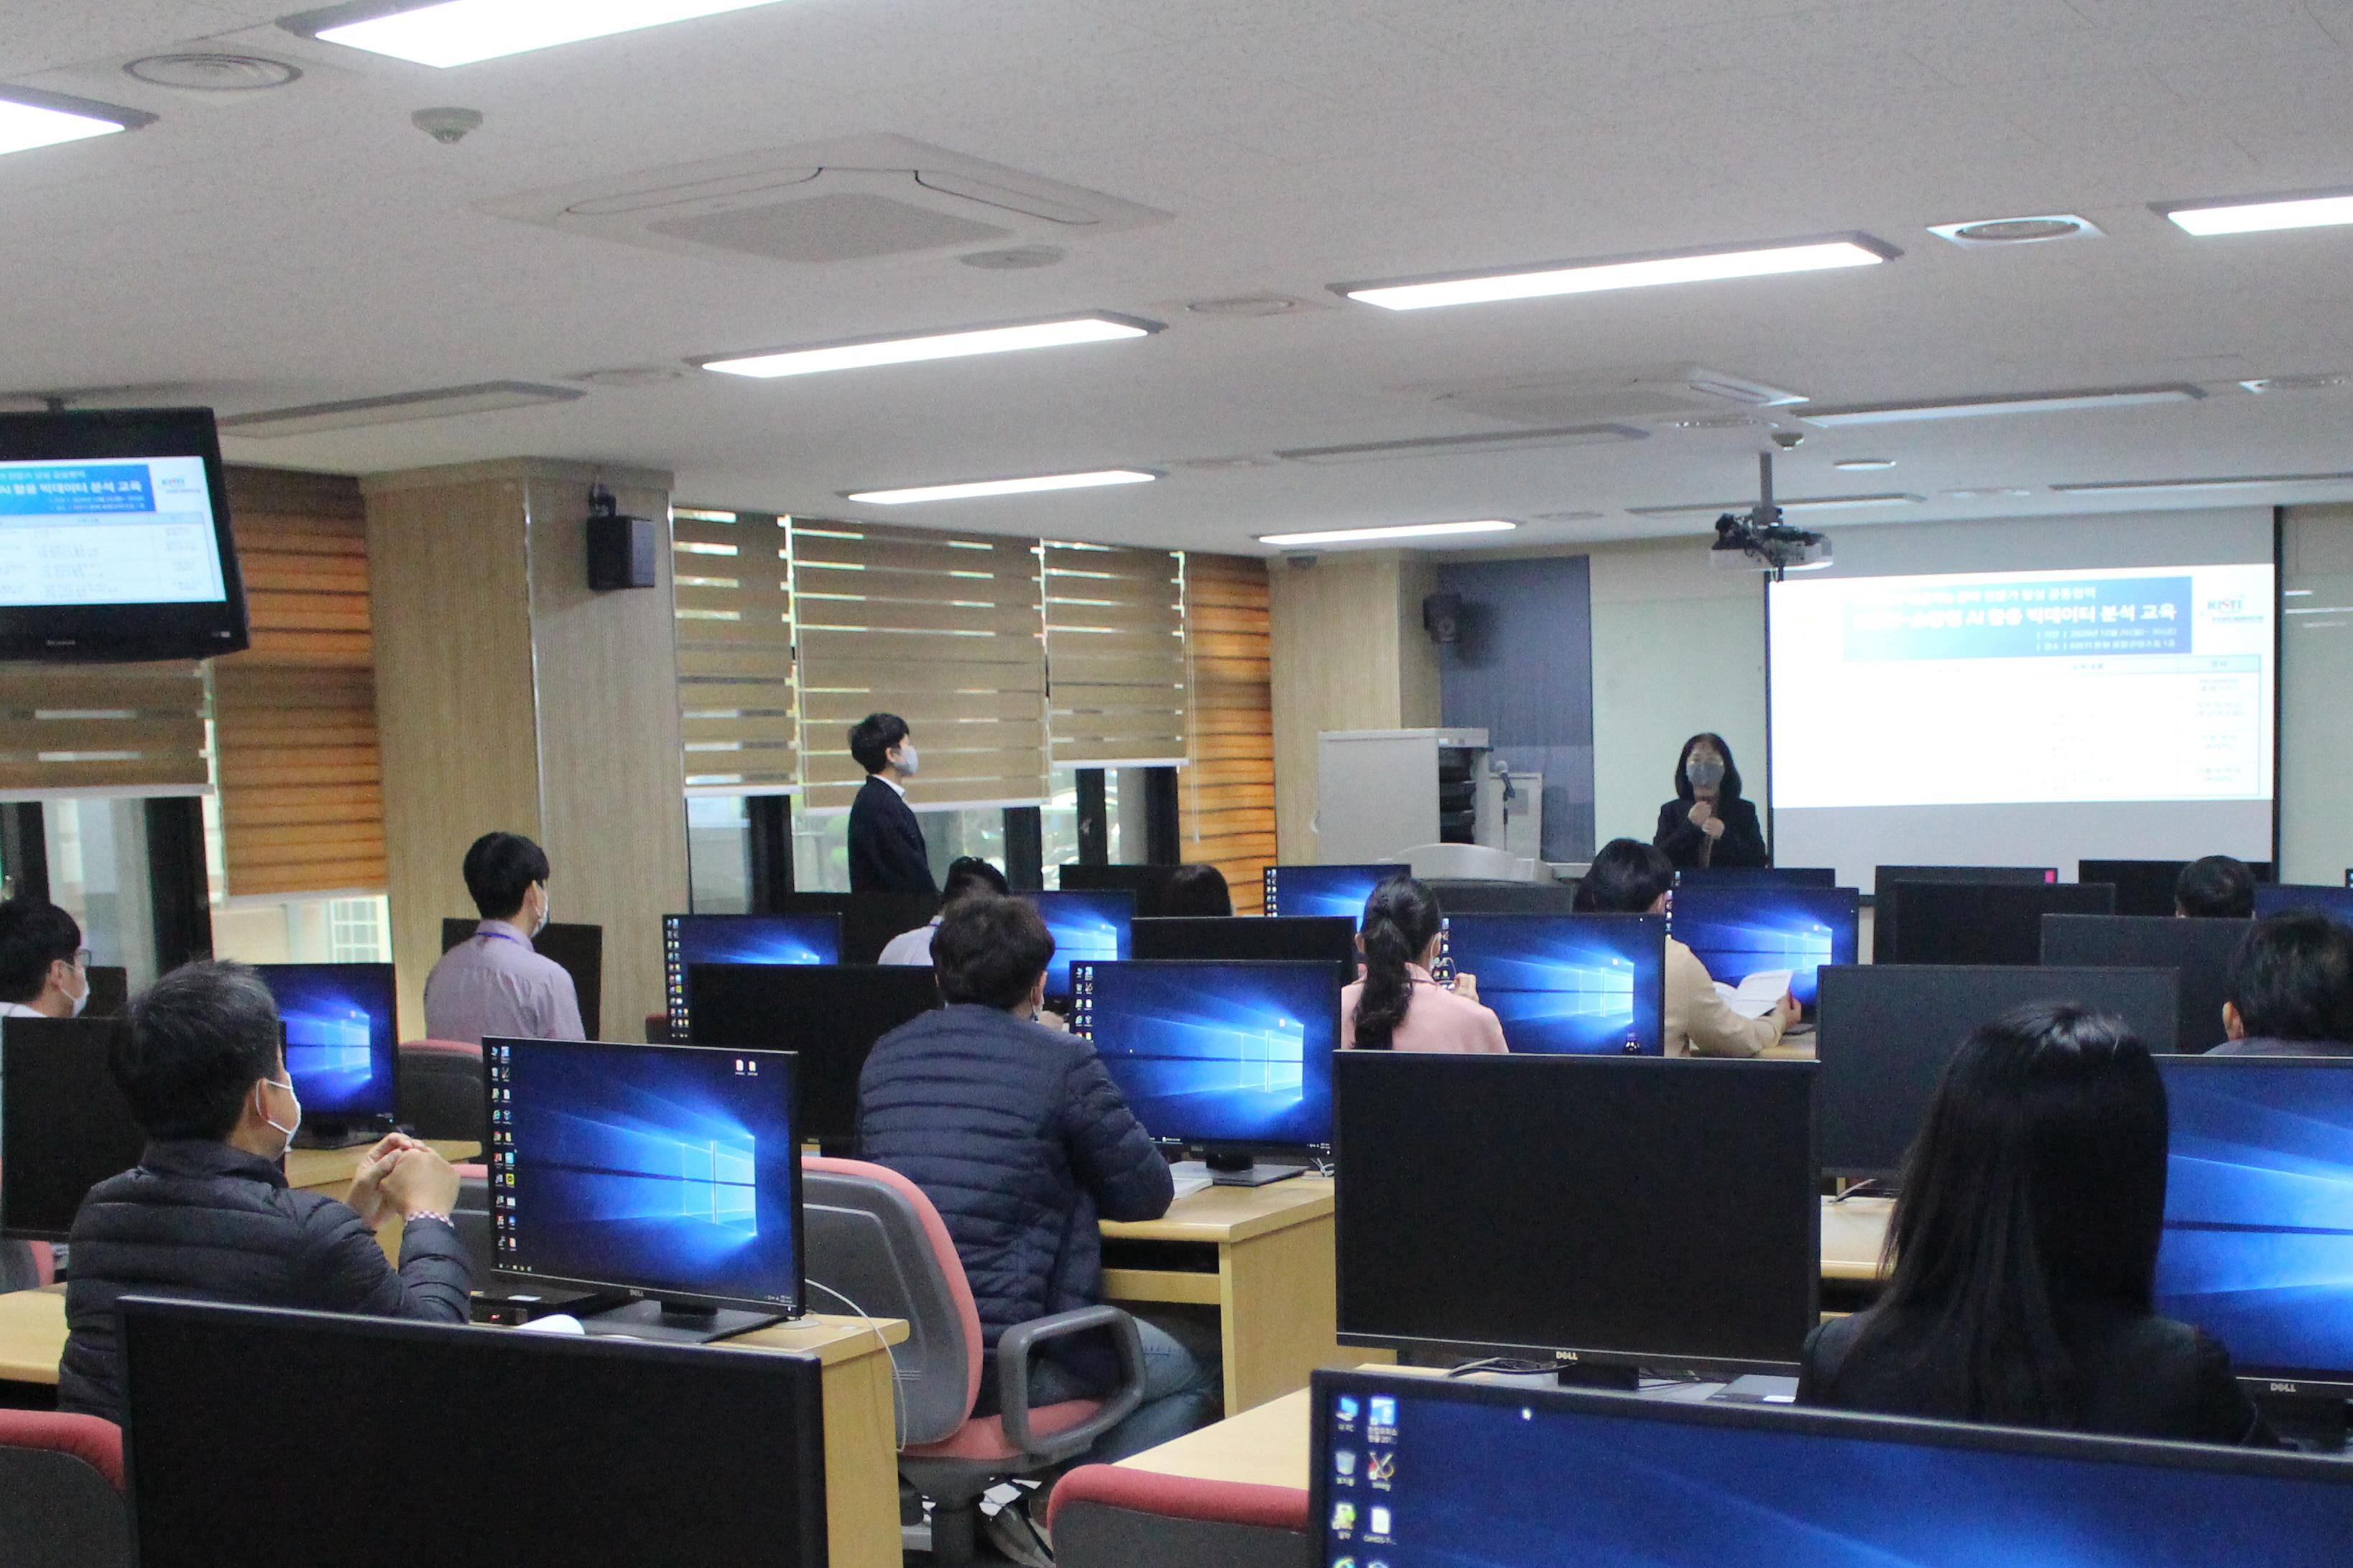 KISTI, 소방 맞춤형 빅데이터 분석 교육과정 추진